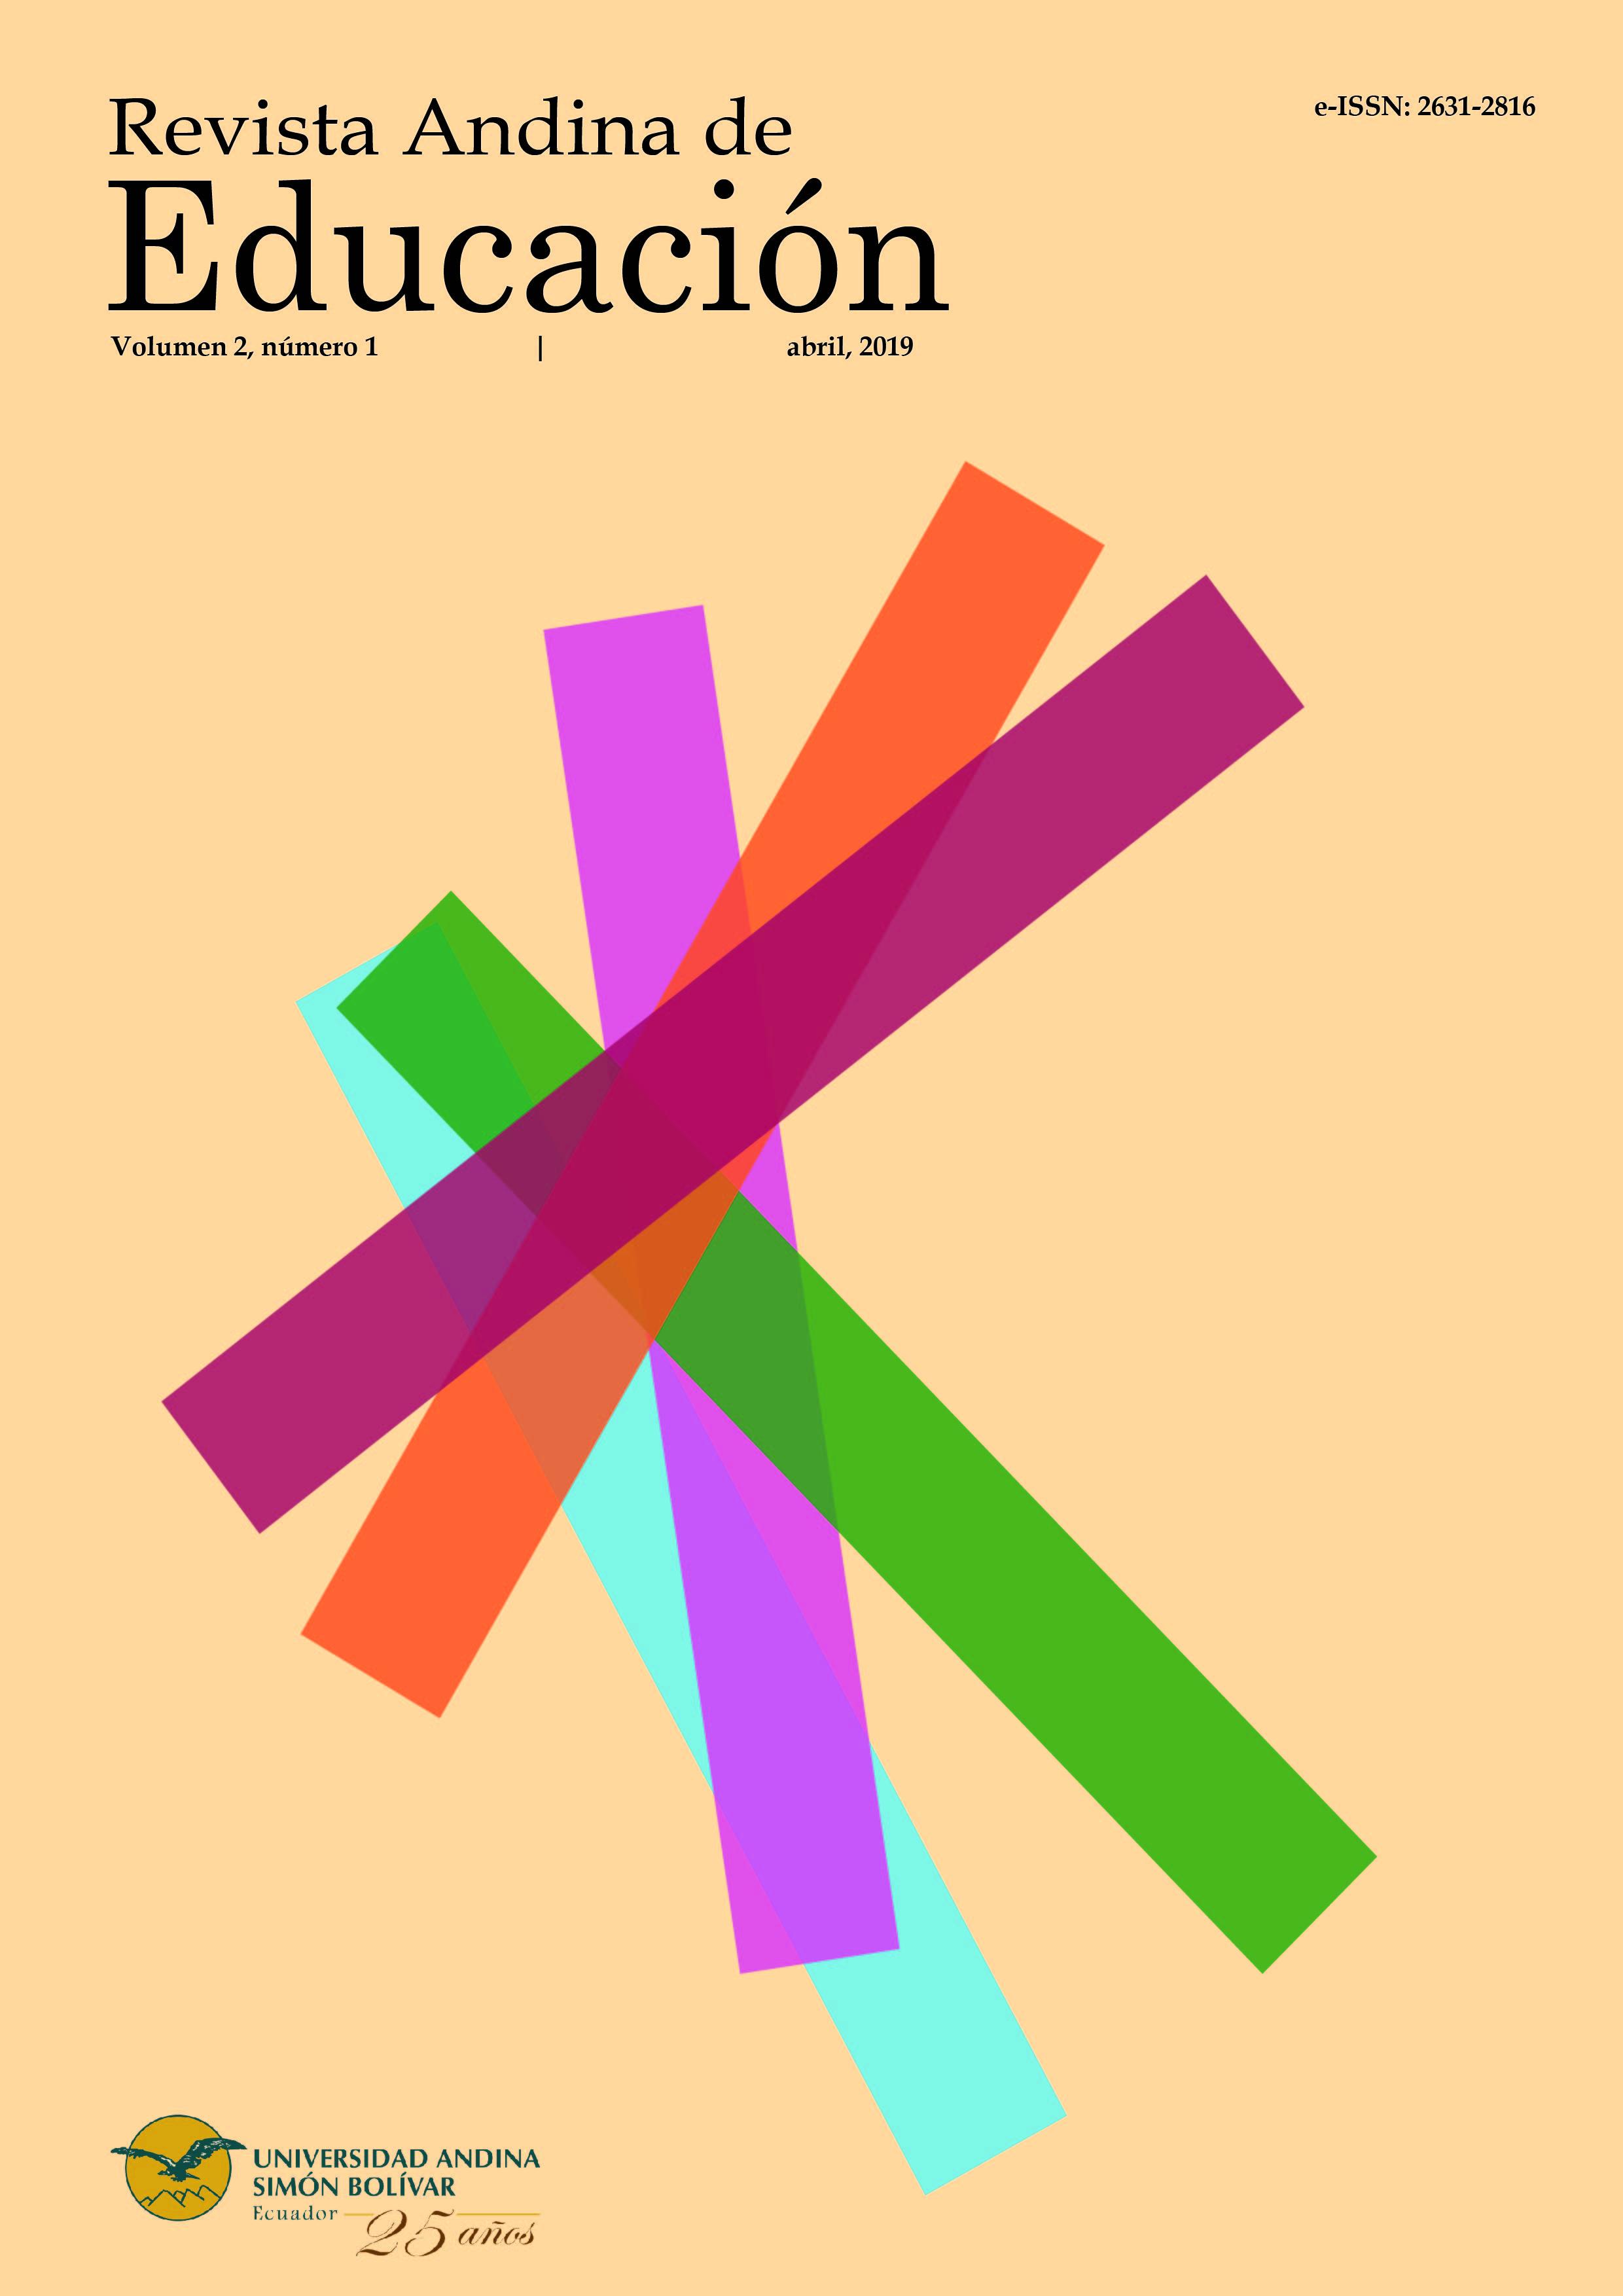 Revista Andina de Educación, 2(1) (2019)